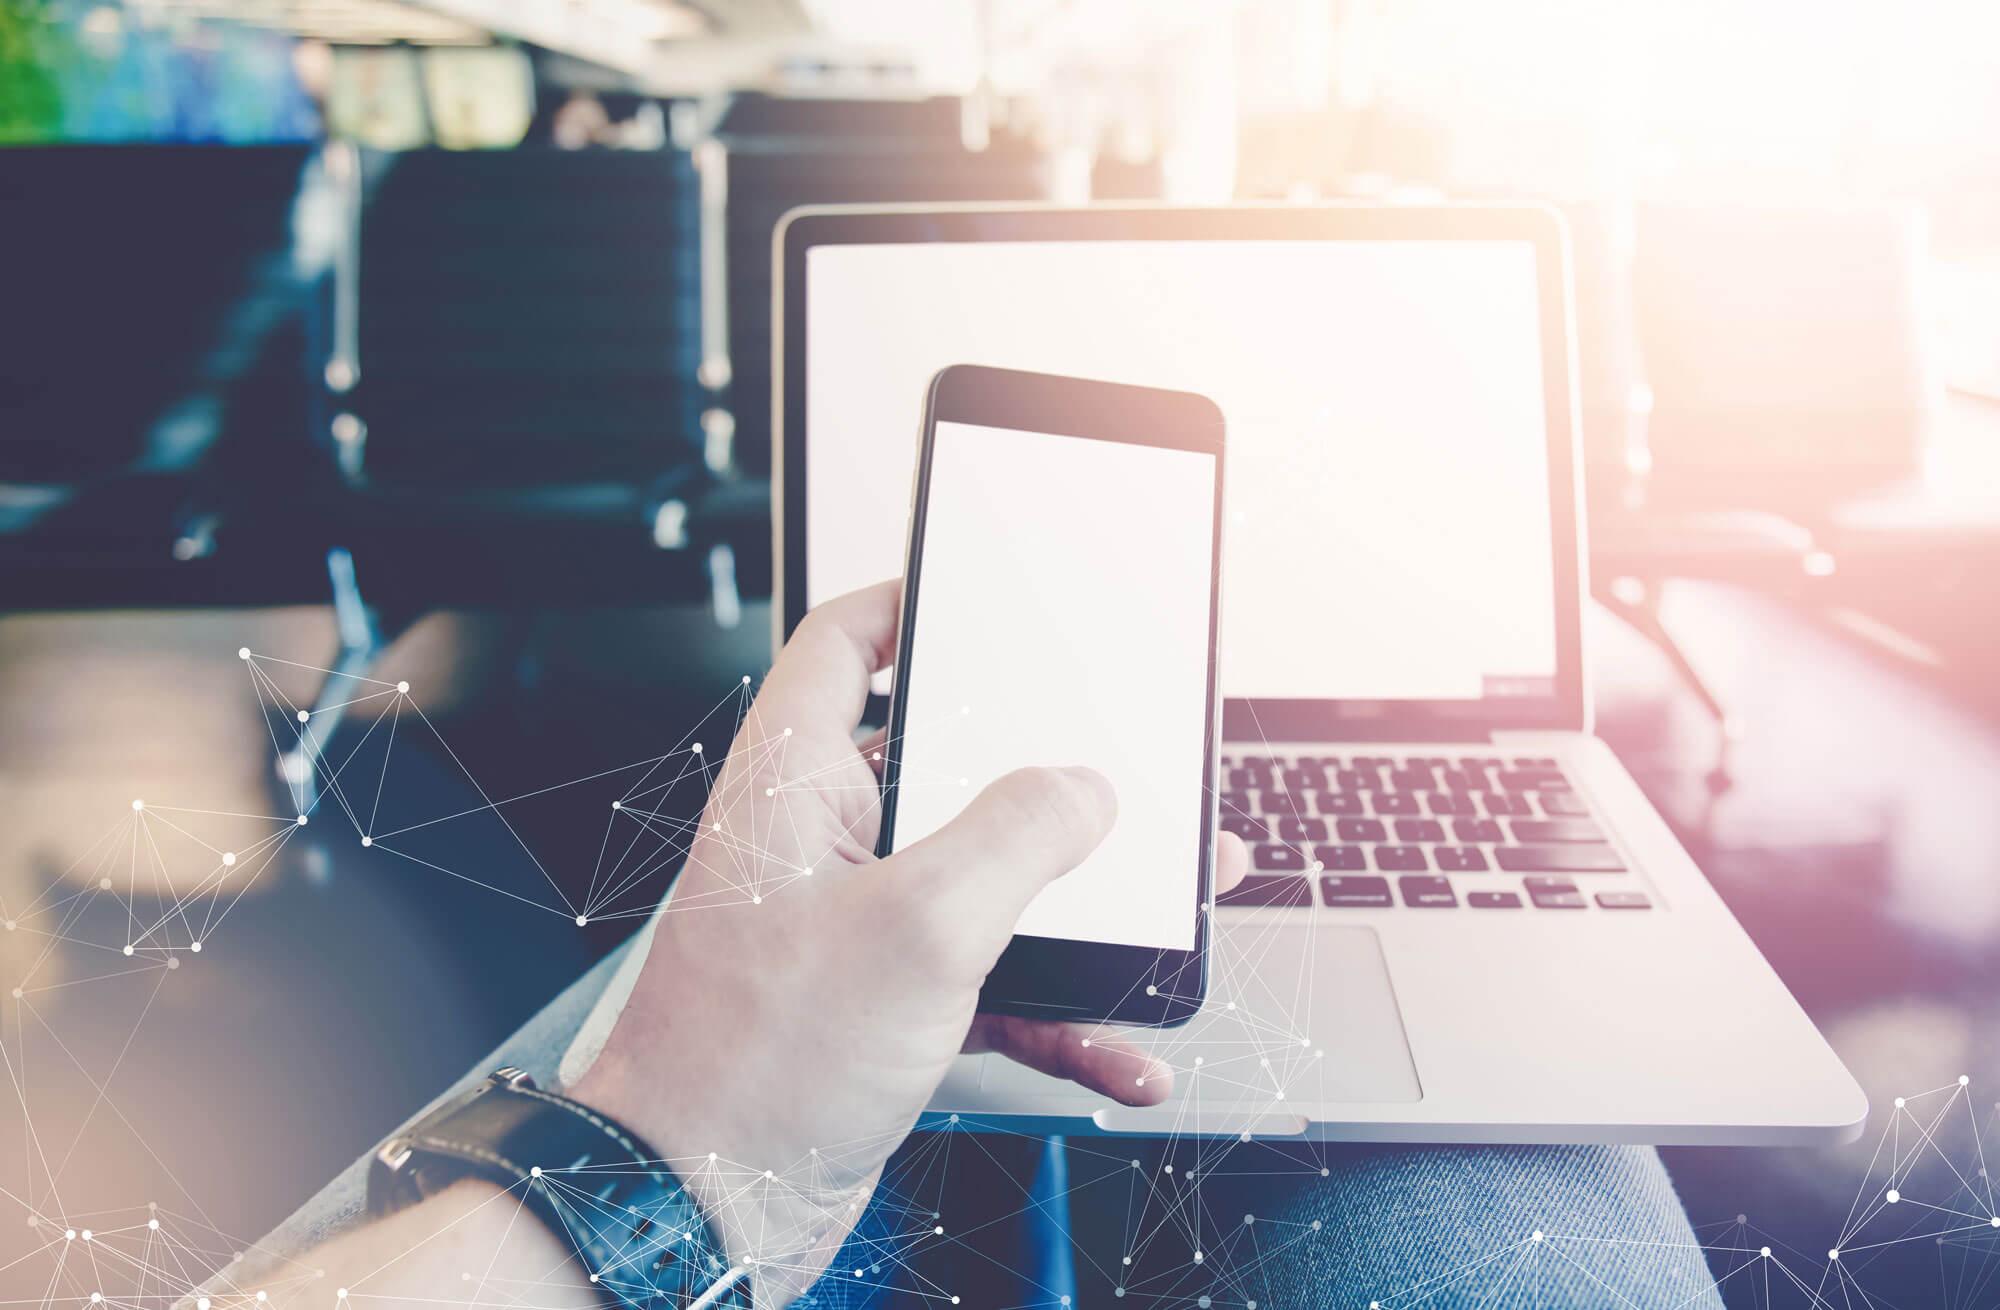 Die Digitalisierung ist allgegenwärtig. Wer künftig am Markt mithalten will, muss die Chancen nützen.